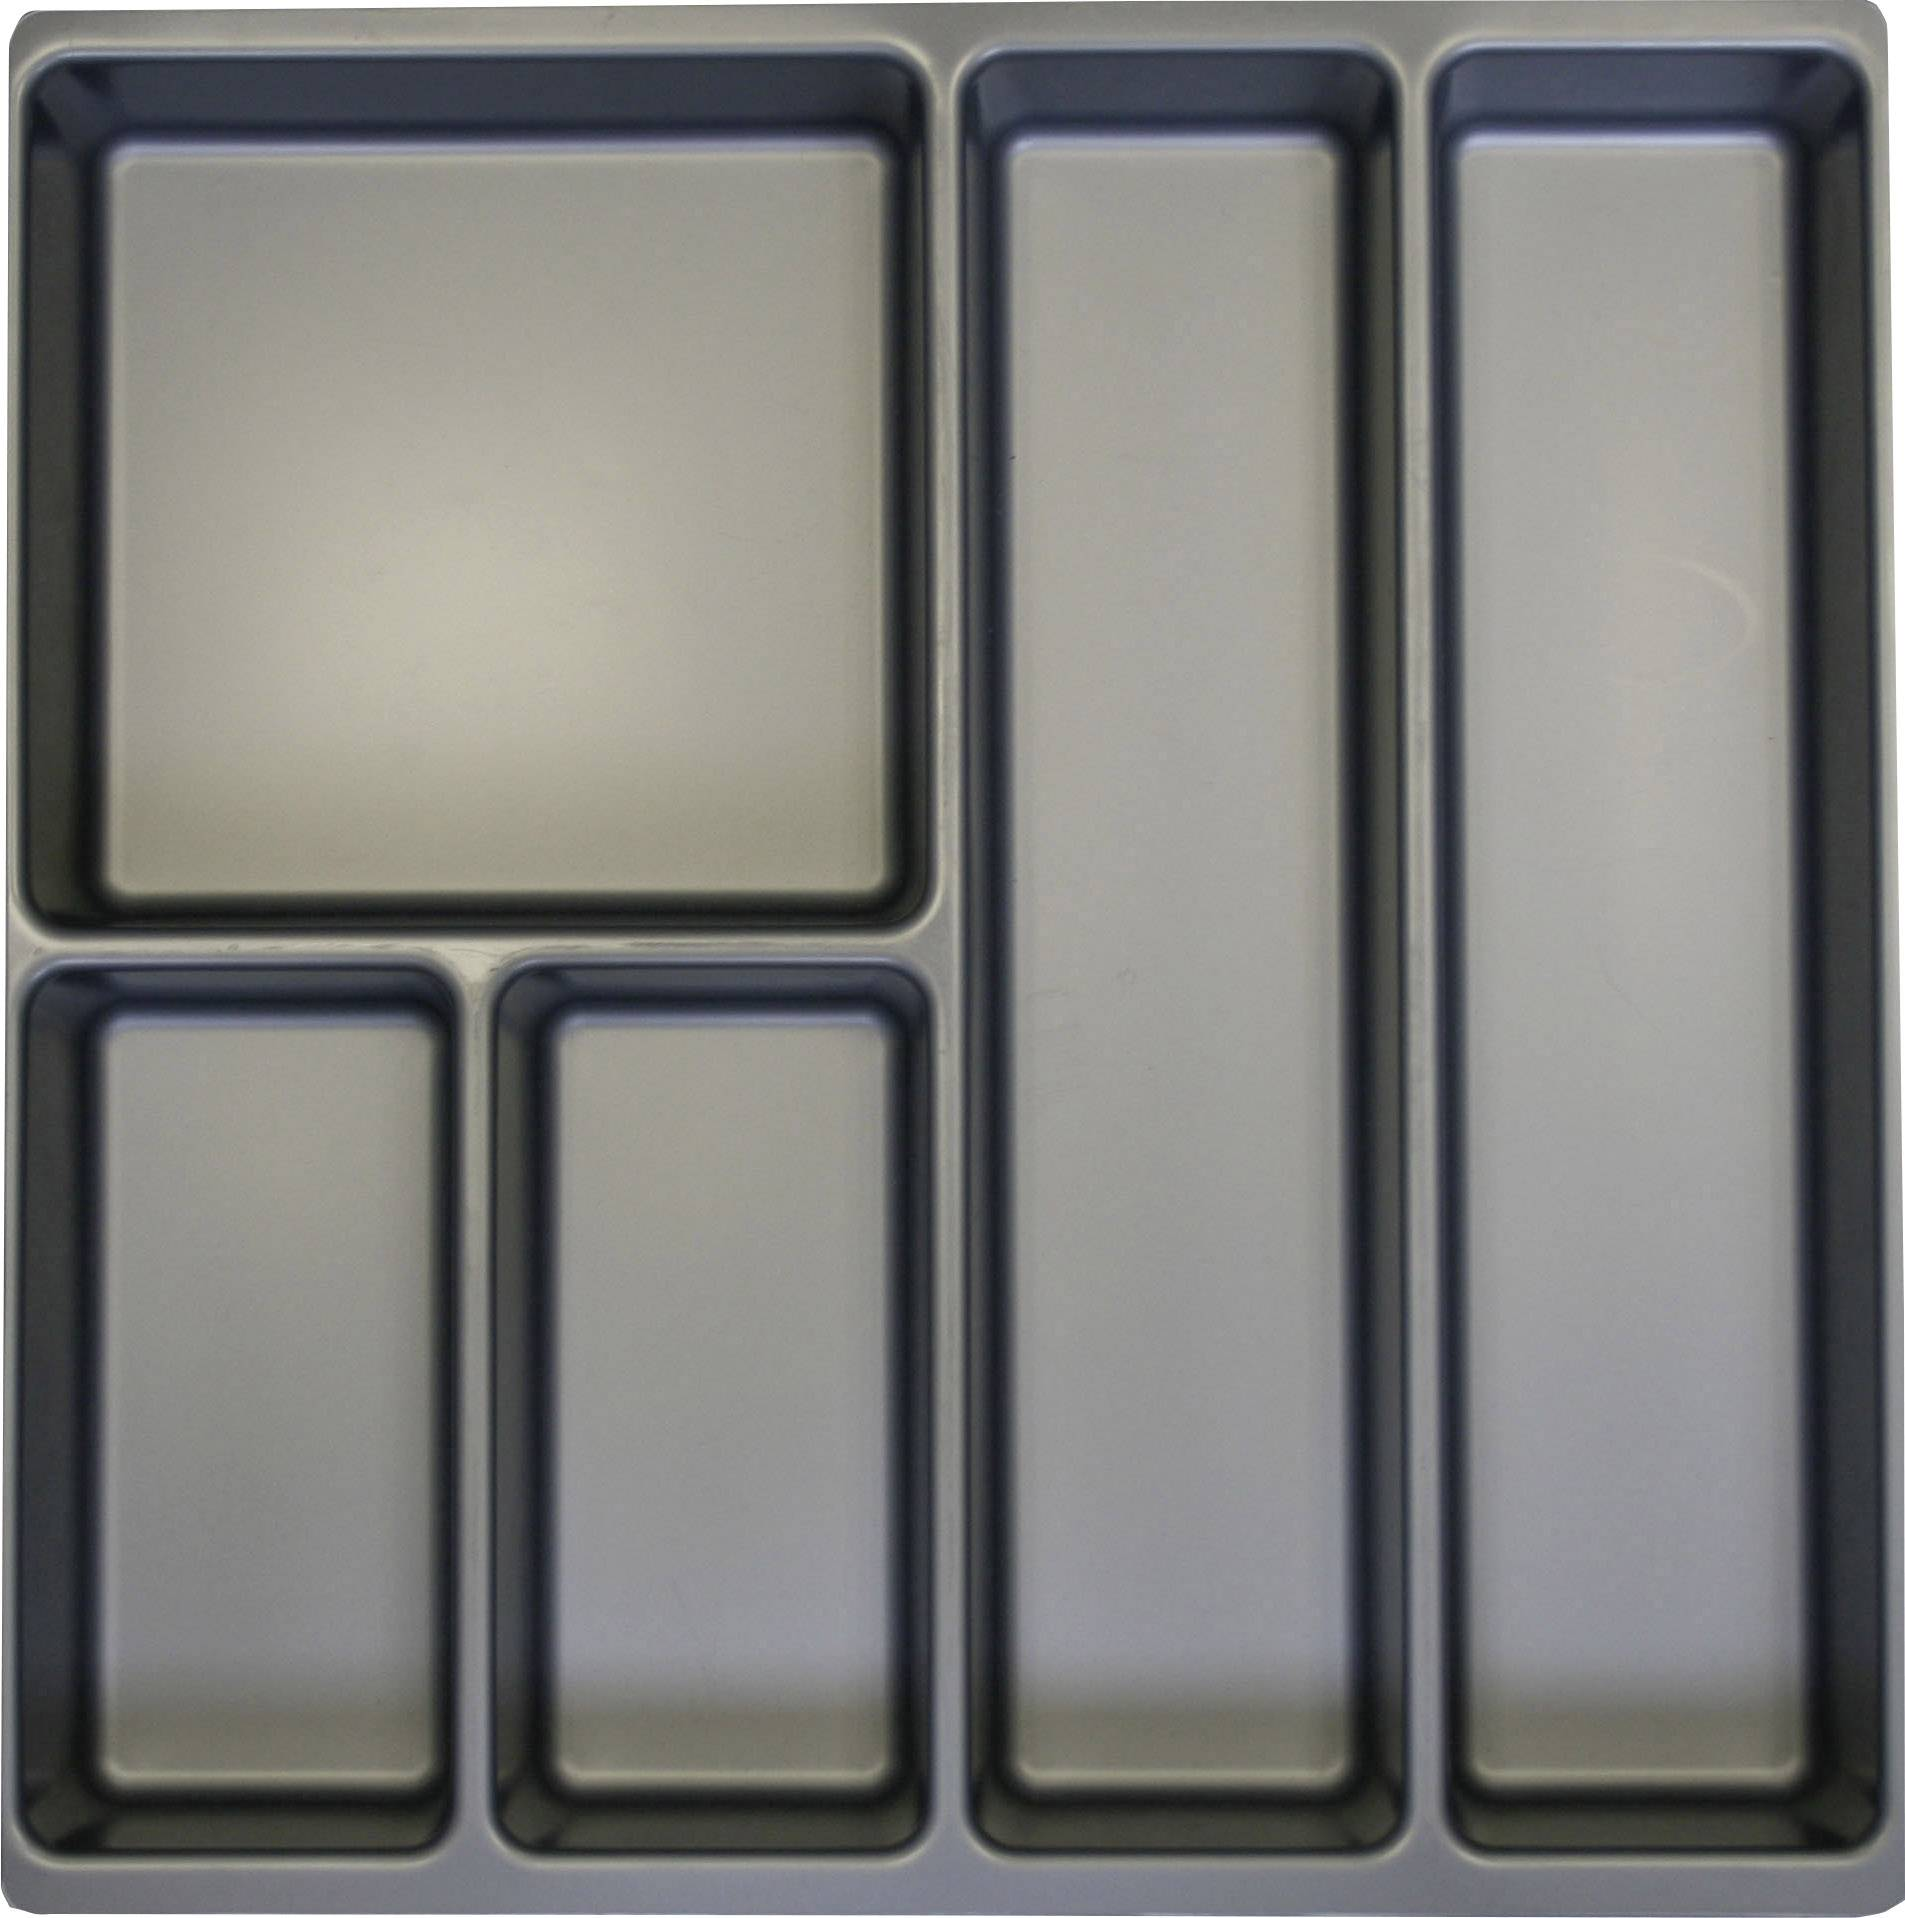 Küpper 955, (š x v x h) 43.5 x 6 x 43 cm